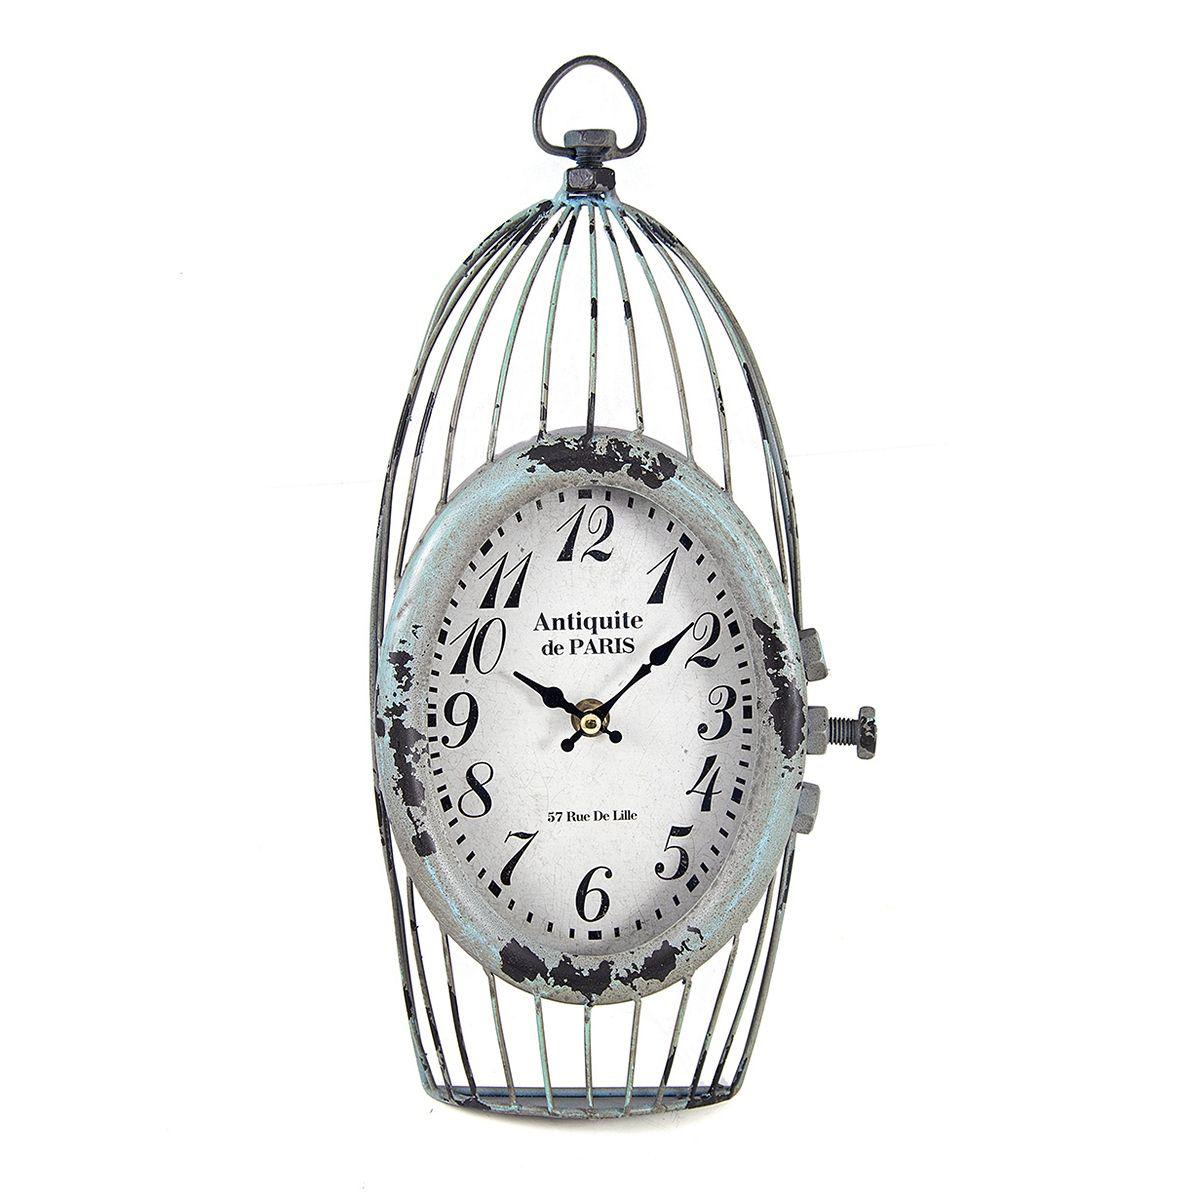 Часы настенные Русские Подарки, 18 х 6 х 37 см. 29634 русские древности в памятниках искусства в 6 выпусках в 3 х книгах полный комплект